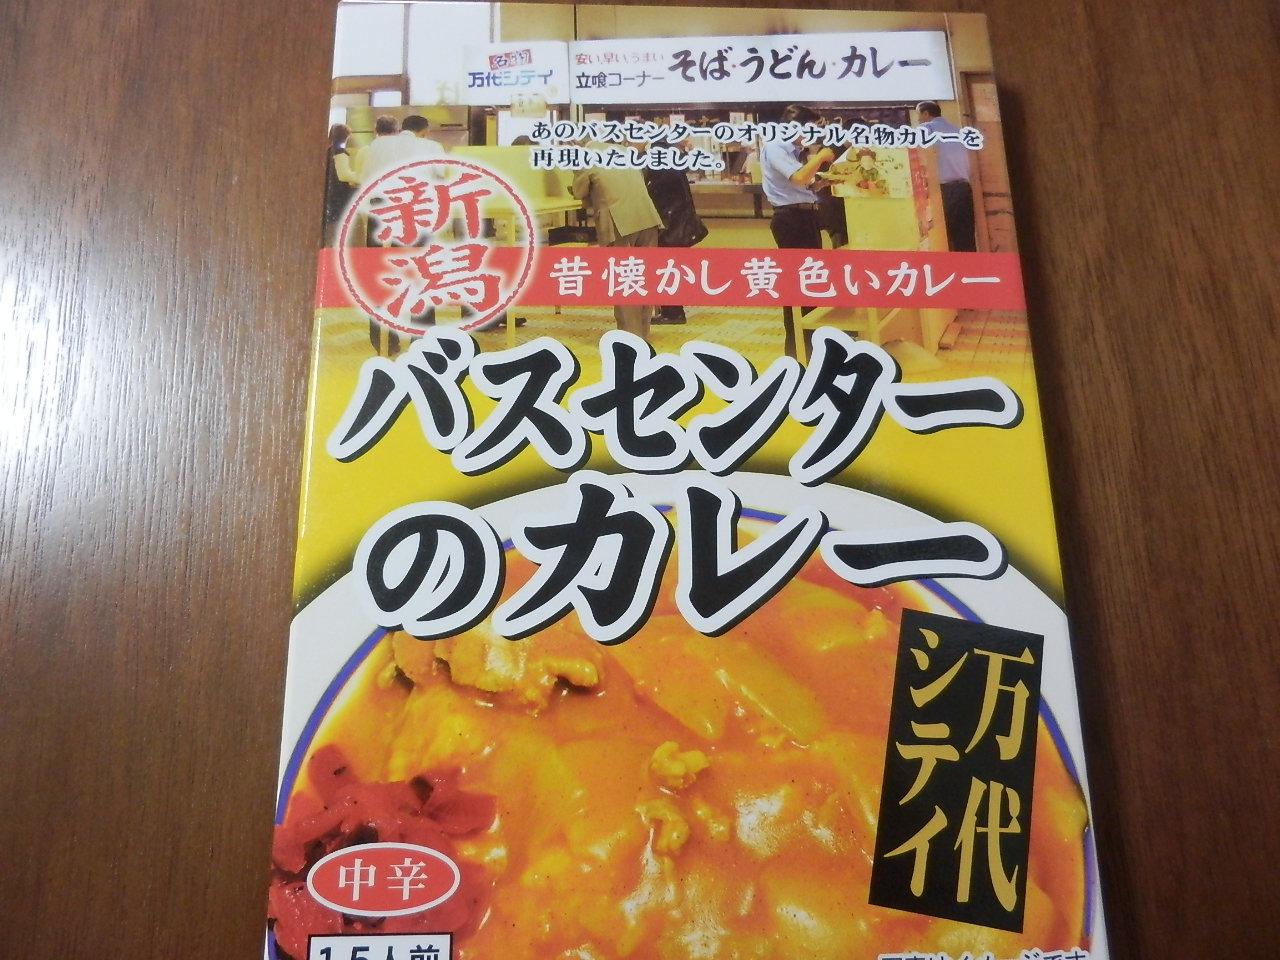 http://curry.tokyo-review.com/image3/P6080074.JPG